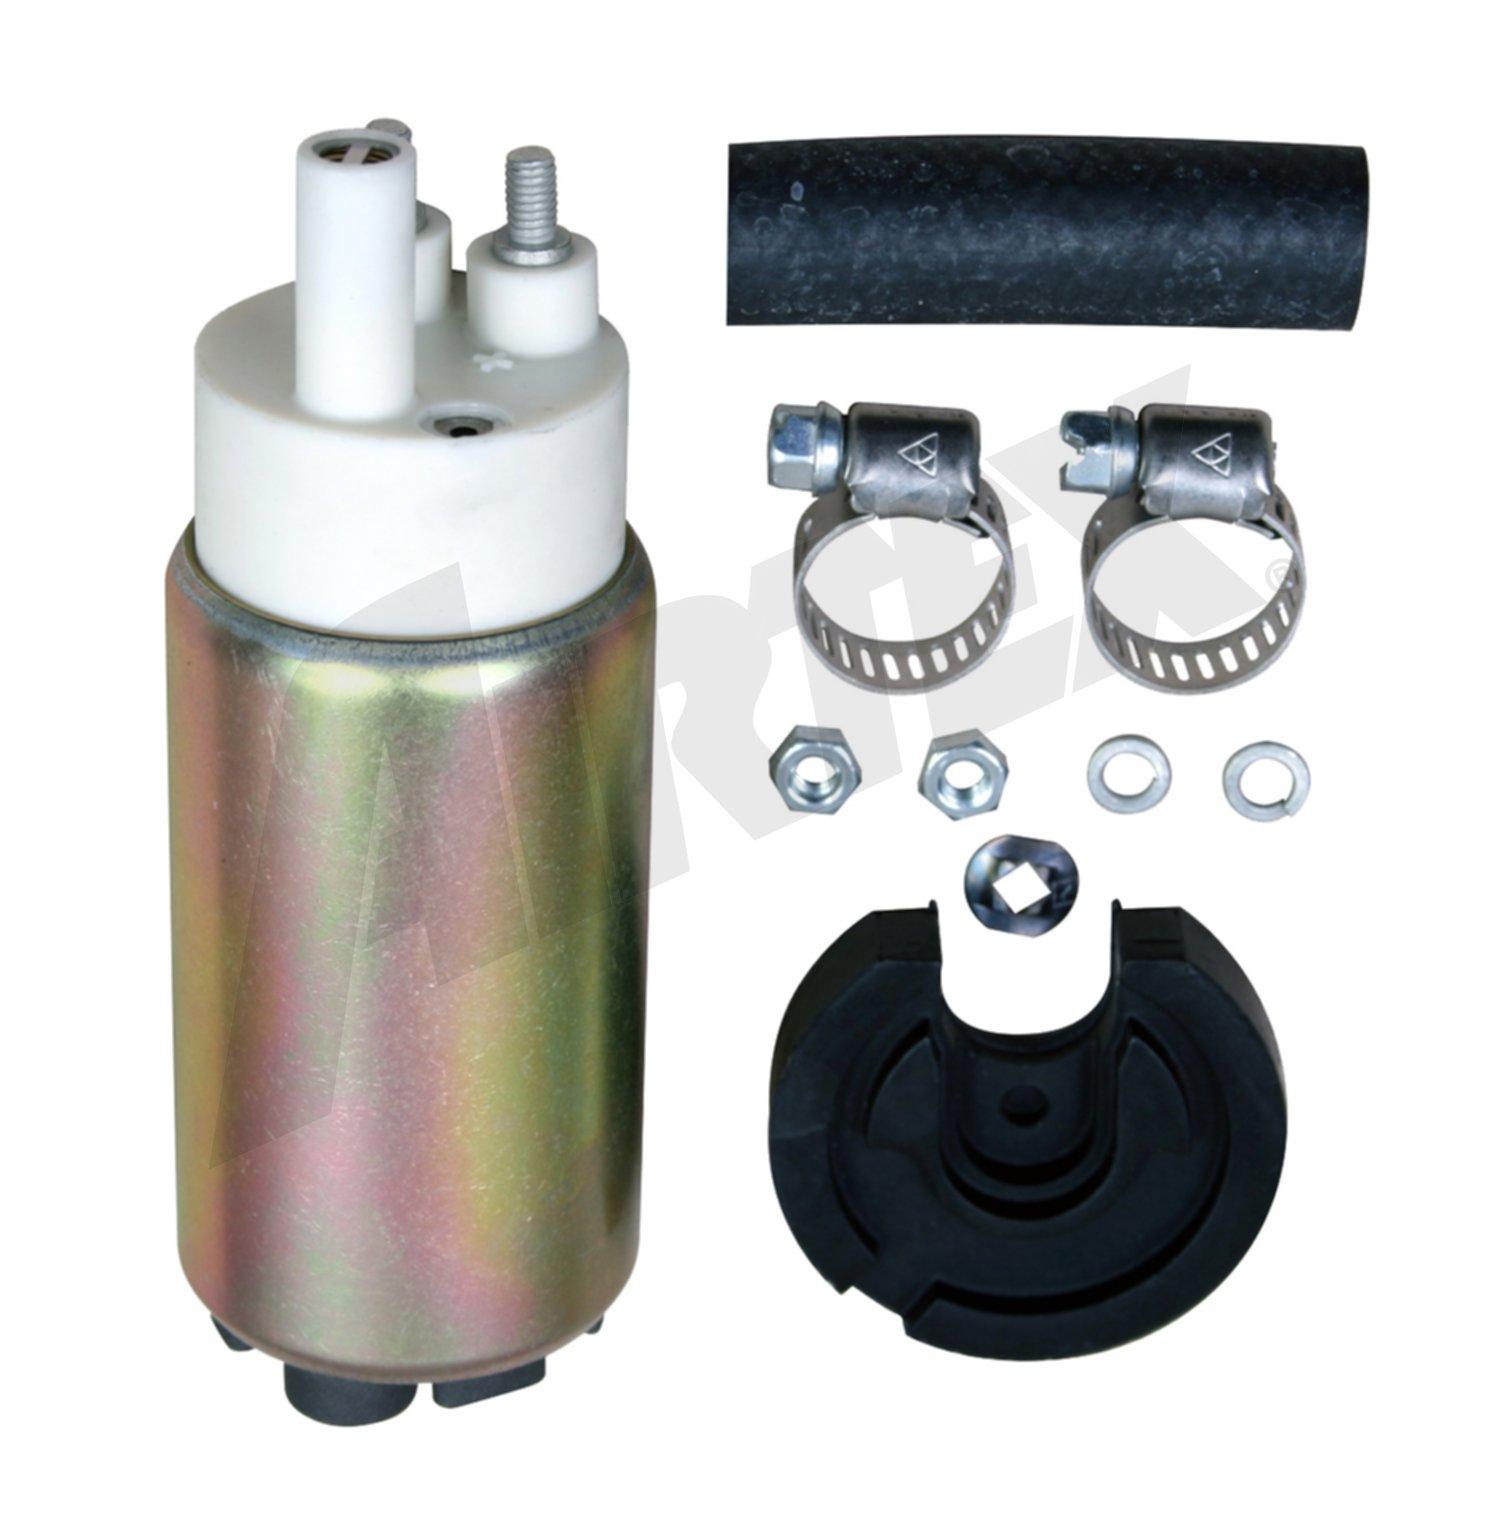 Airtex Fuel Pumps E2111 Electric Fuel Pump Fits 1989-1991 GMC Tracker